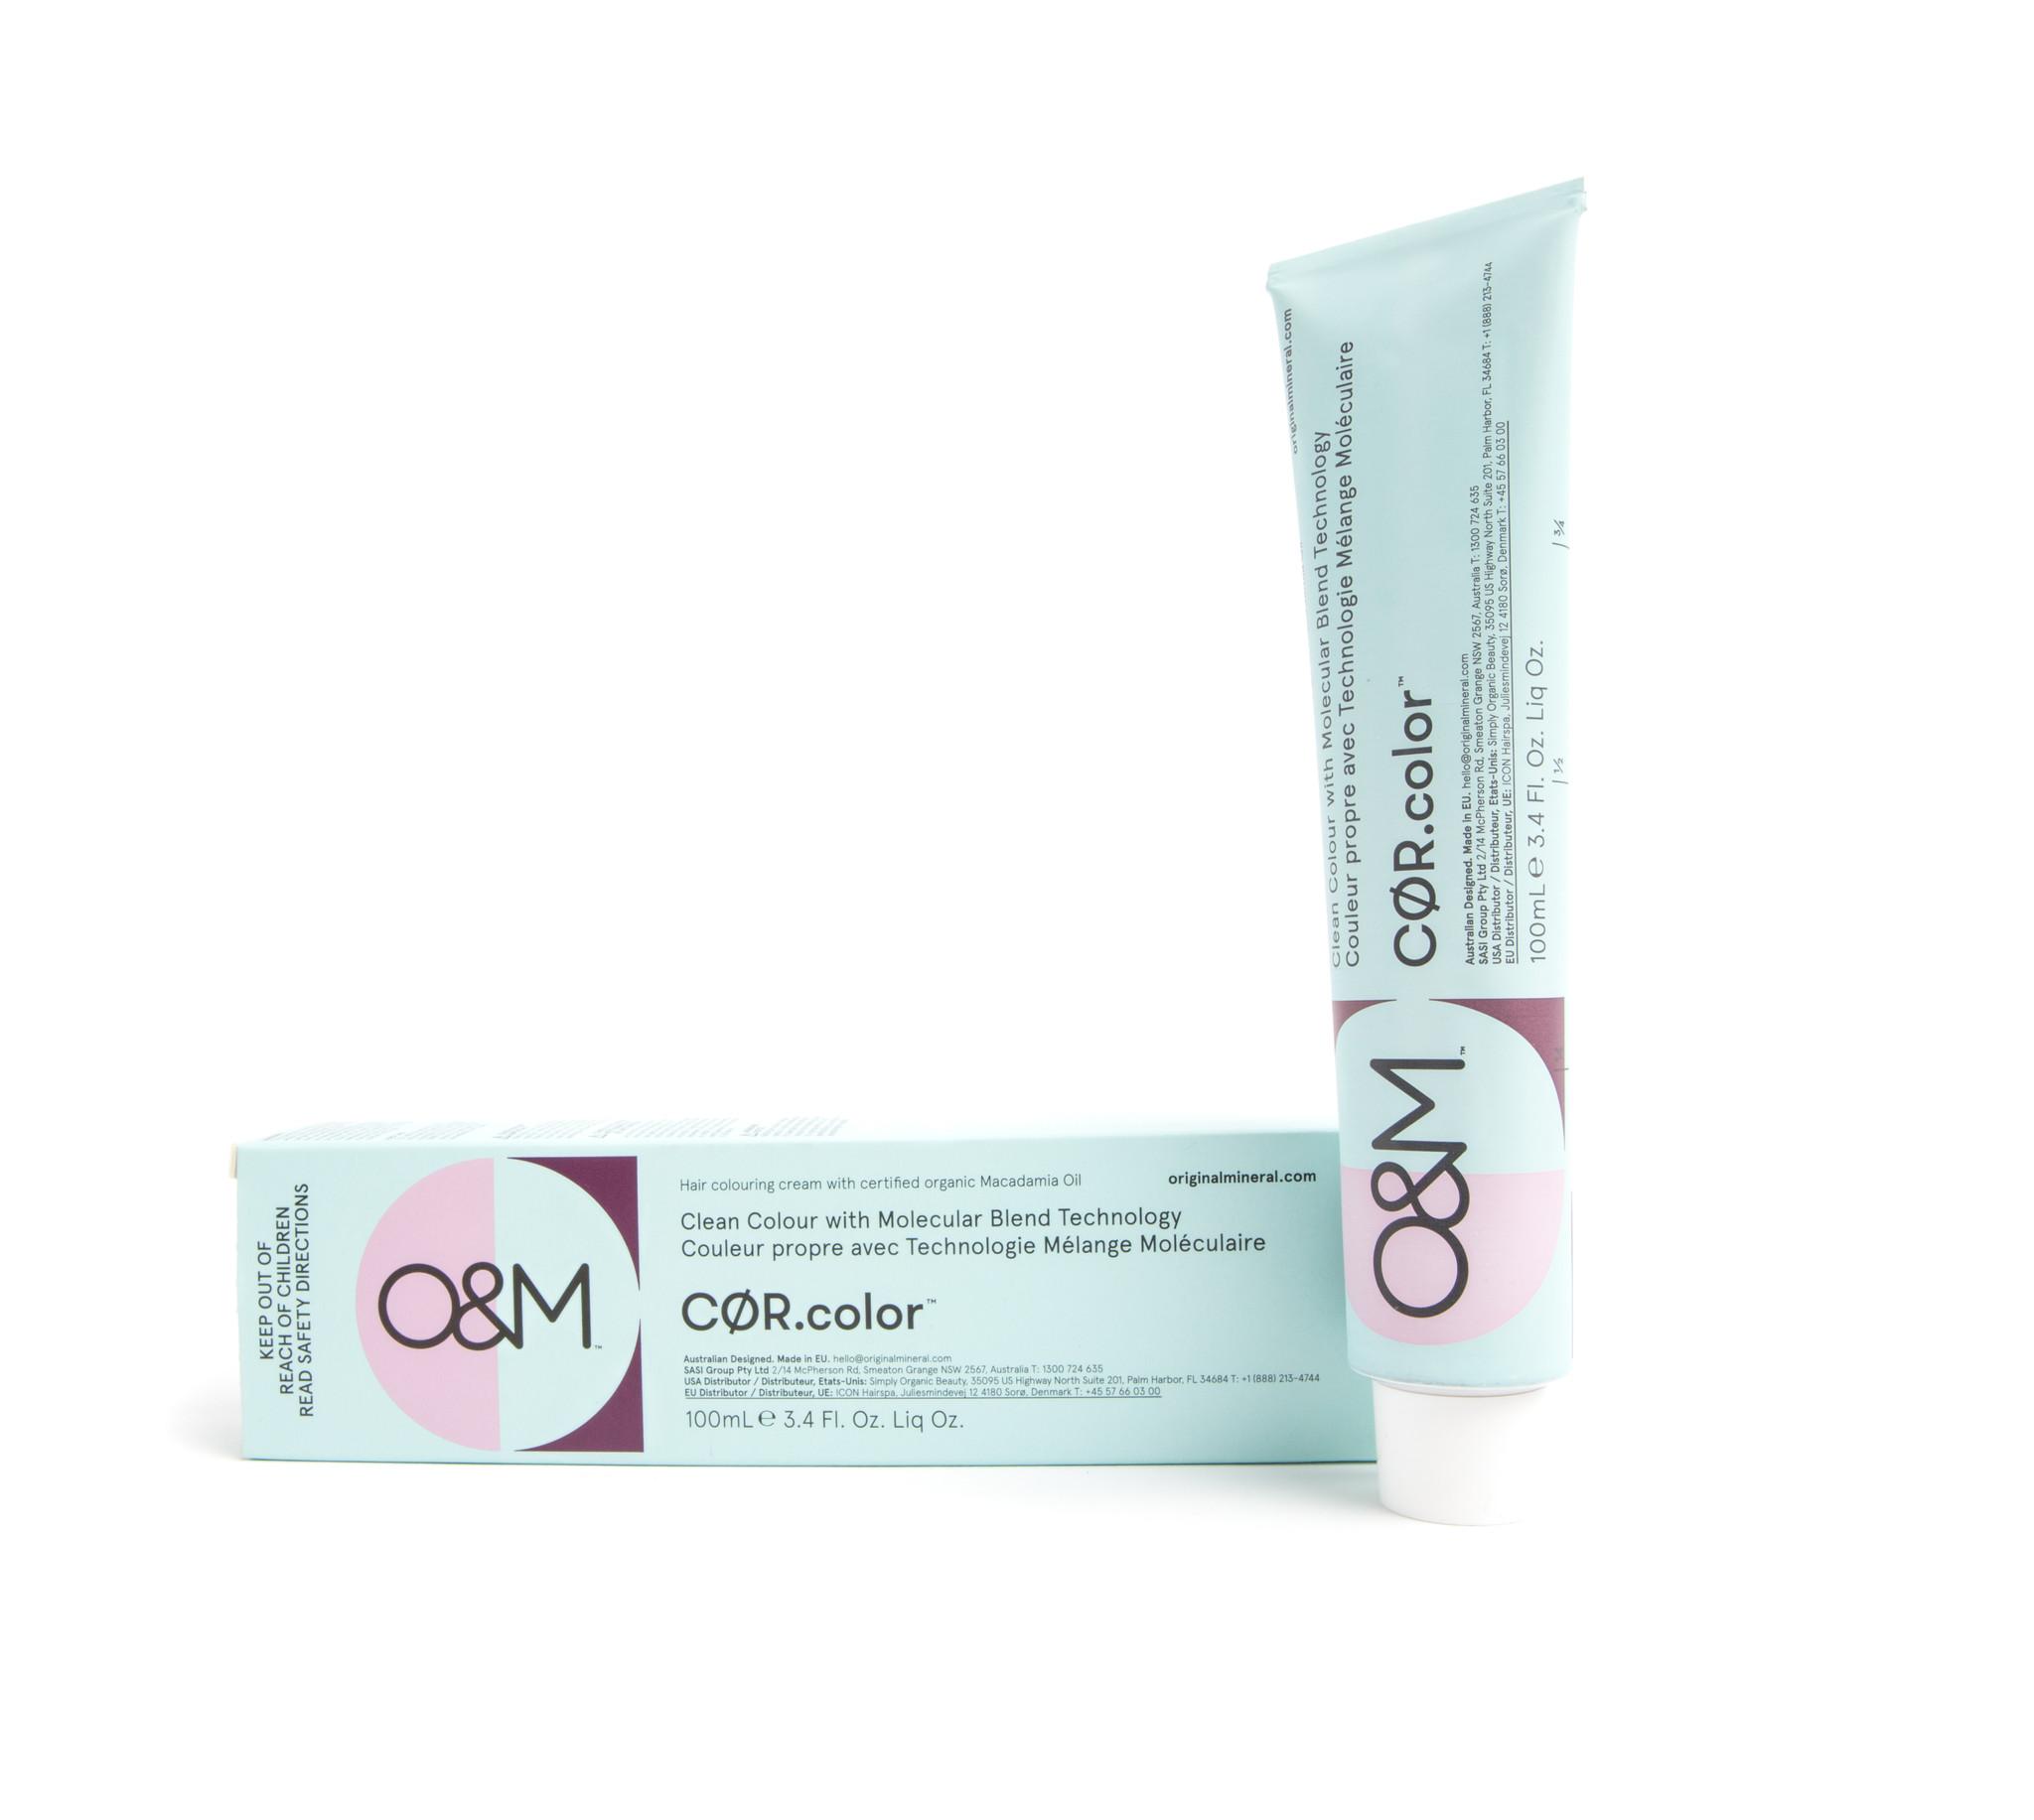 O&M - Original Mineral O&M CØR.color Cool.Naturals Dark Ash Matte Blonde 66.19 100g